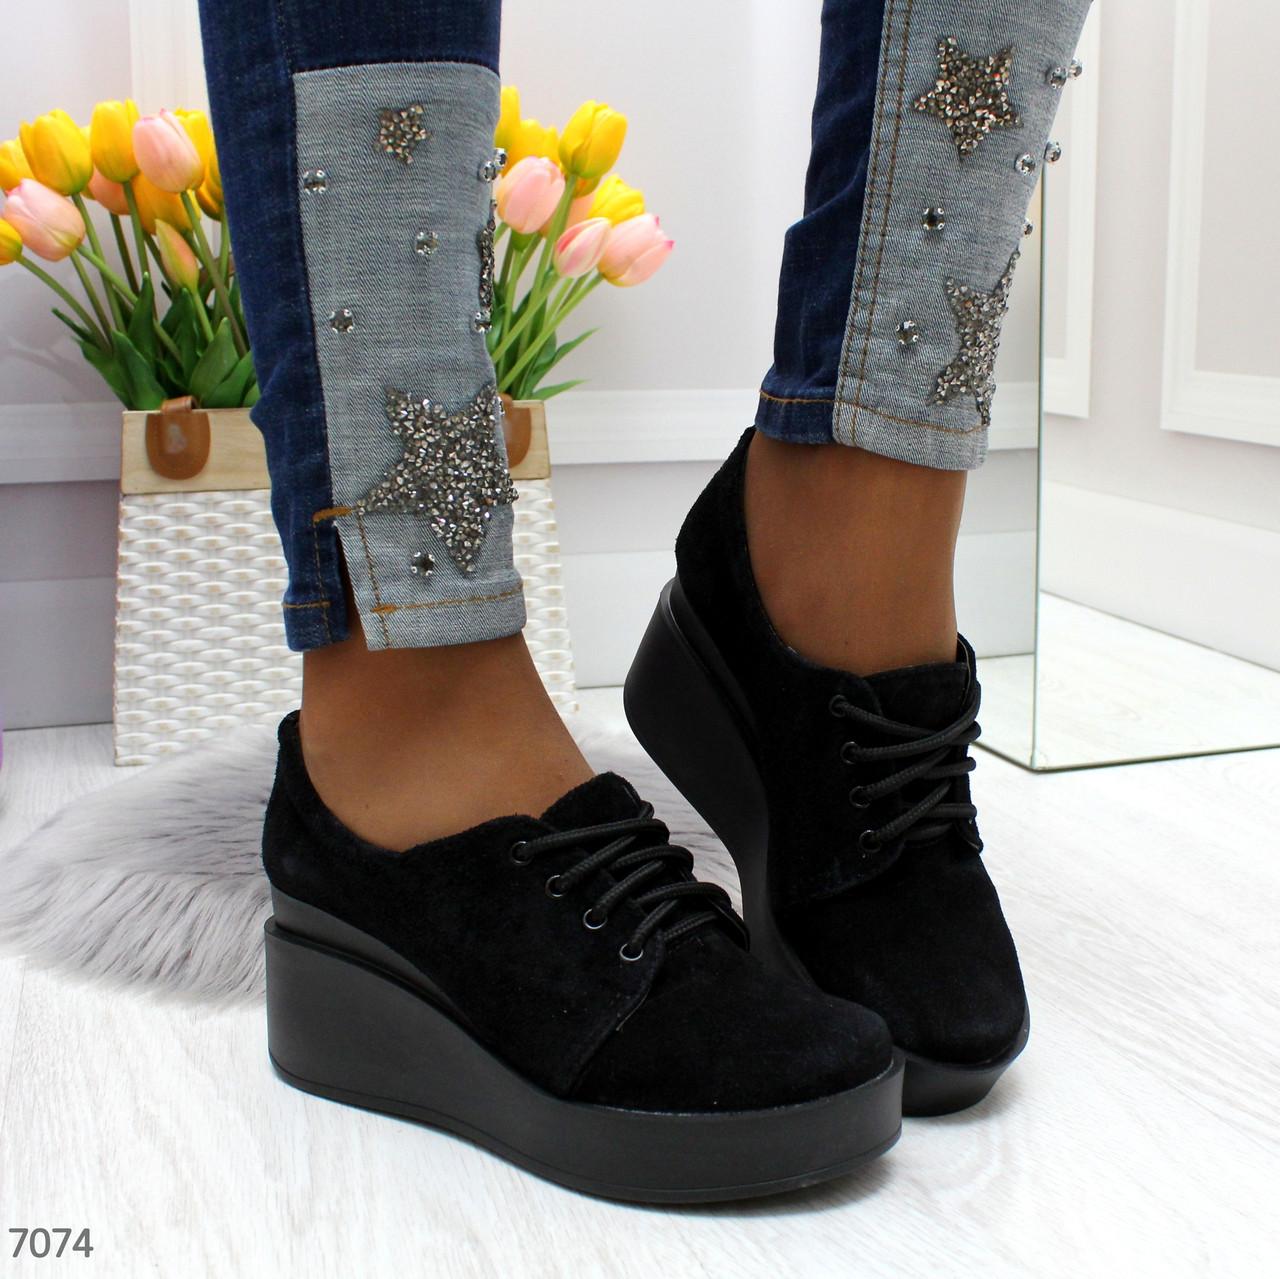 Женские черные закрытые туфли из натуральной кожи на платформе BO7074